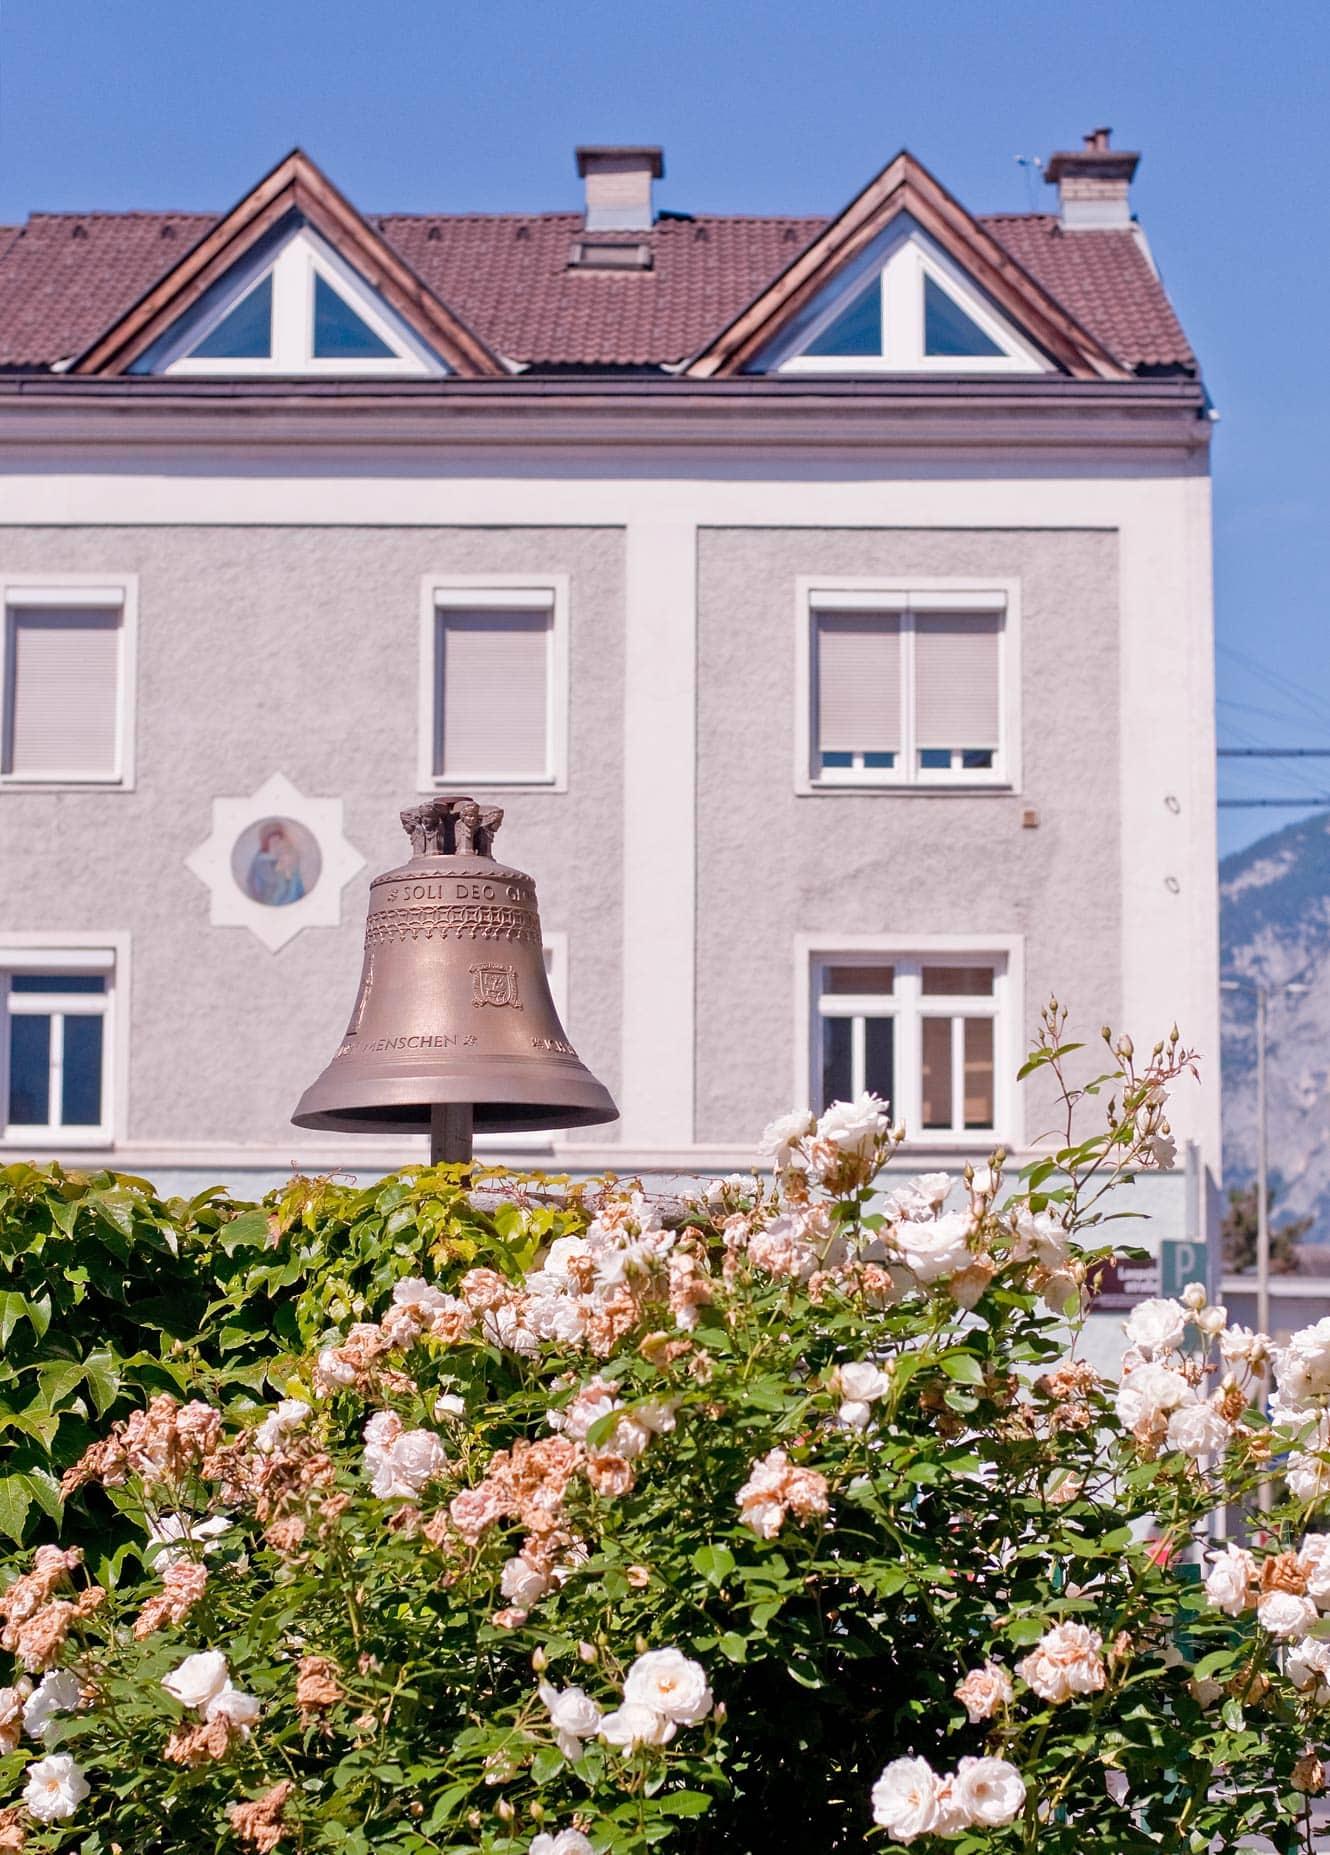 Grassmayr Museum in Innsbruck